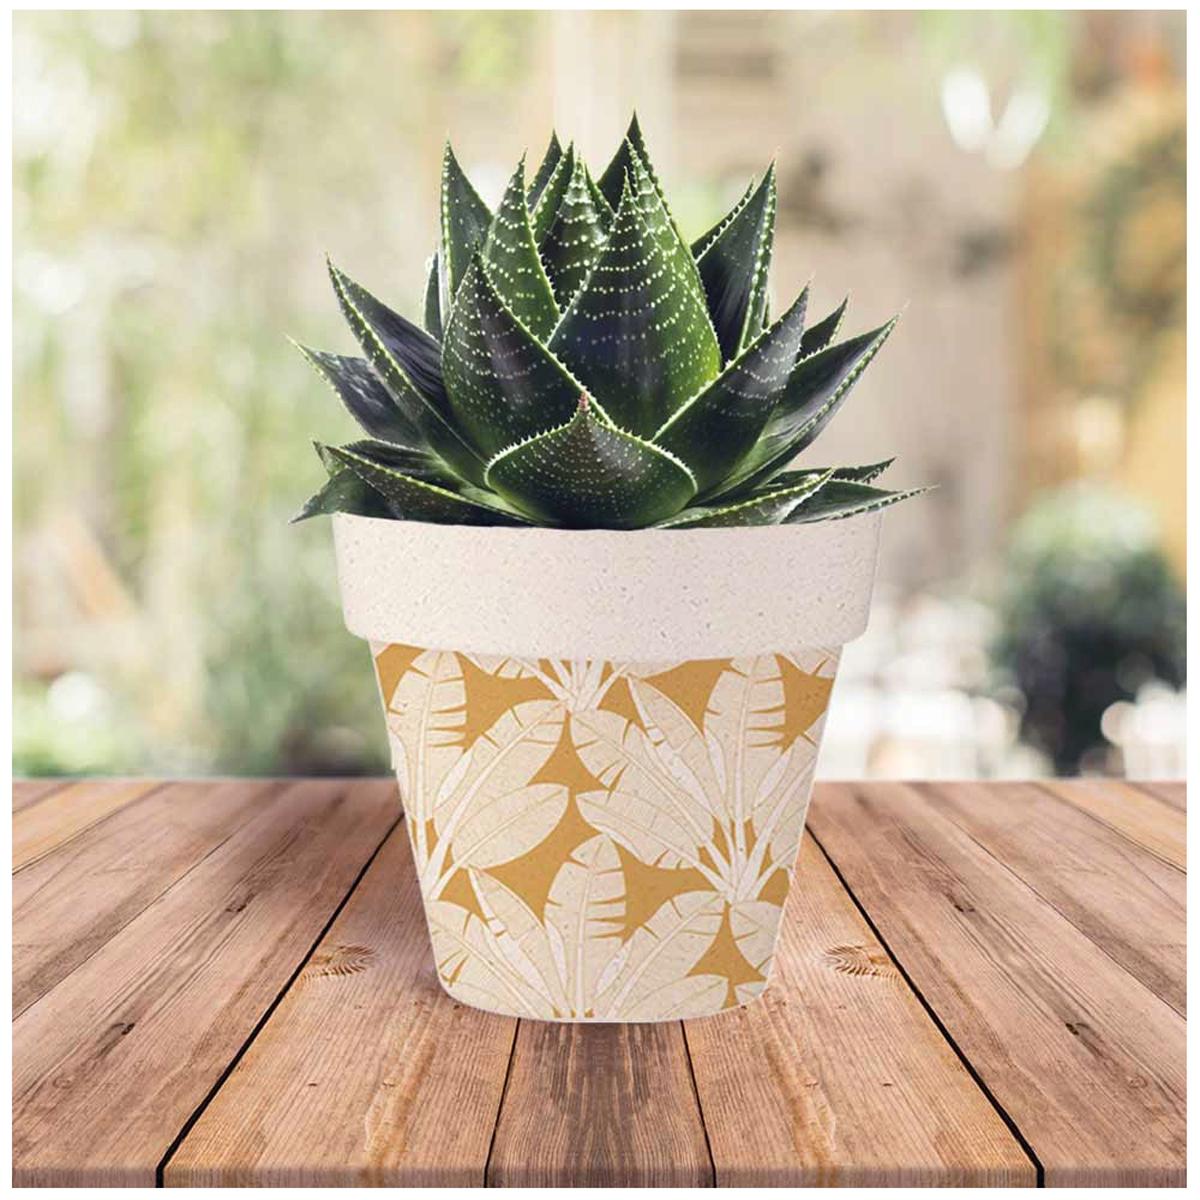 Cache-pot bambou \'Tropical\' orange beige -  14x12 cm - [A1705]